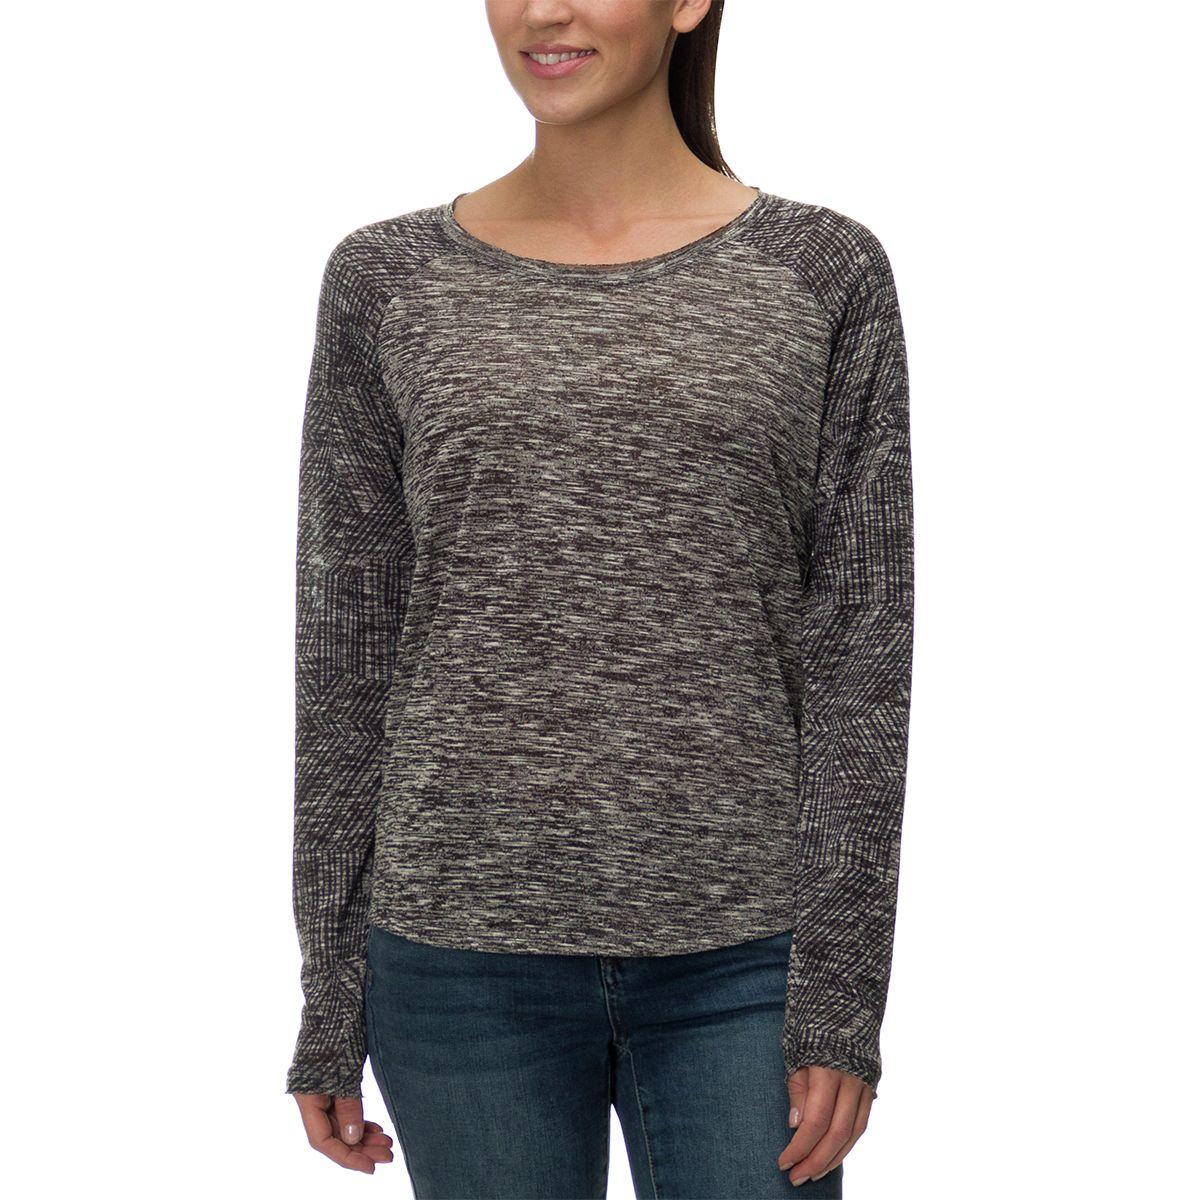 Prana Zanita Sweater - Women